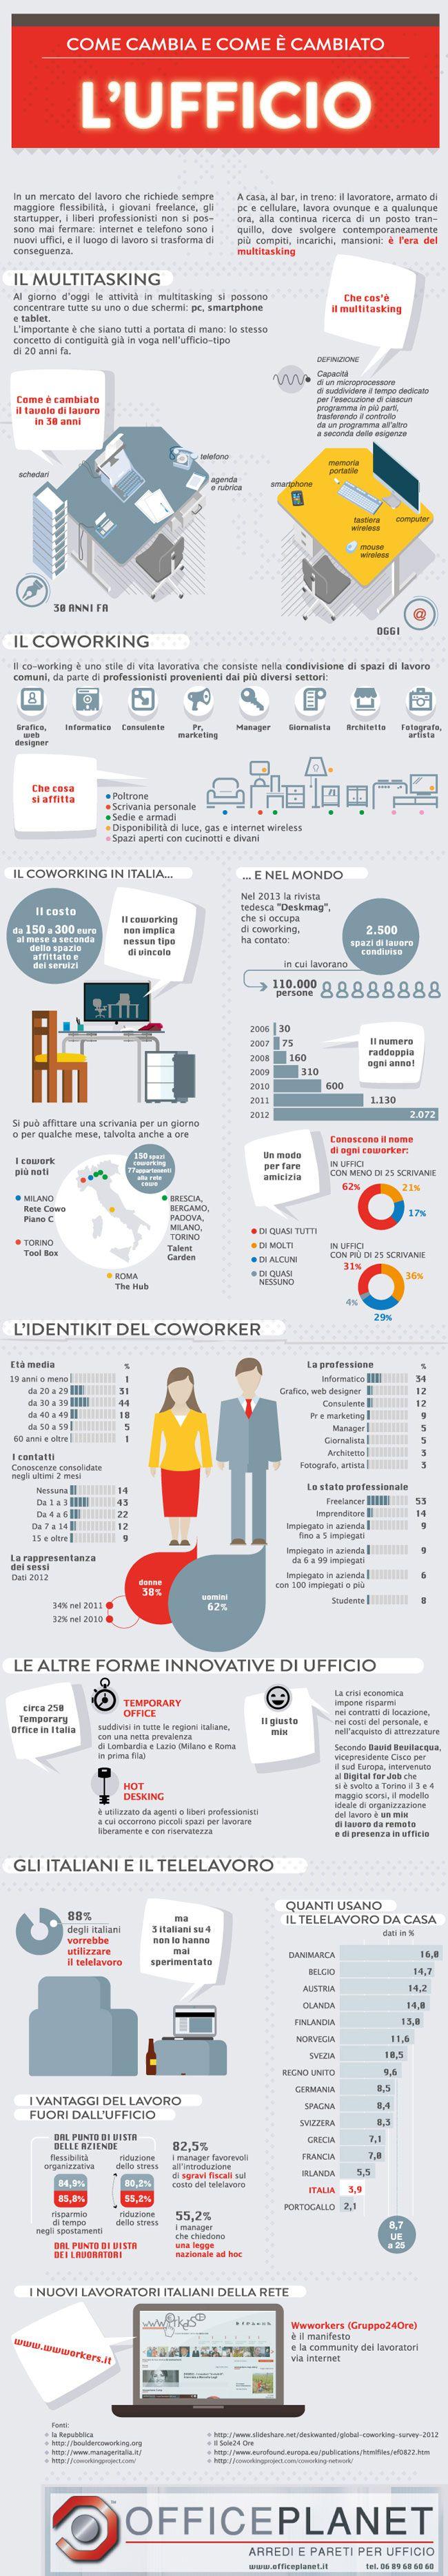 Contemporaneo o temporaneo? L'ufficio si trasforma in base al lavoro. INFOGRAFICA - Office Planet S.r.l. - mobili per ufficio - arredi ufficio http://www.officeplanet.it/blog/nuovo-ufficio-infografica